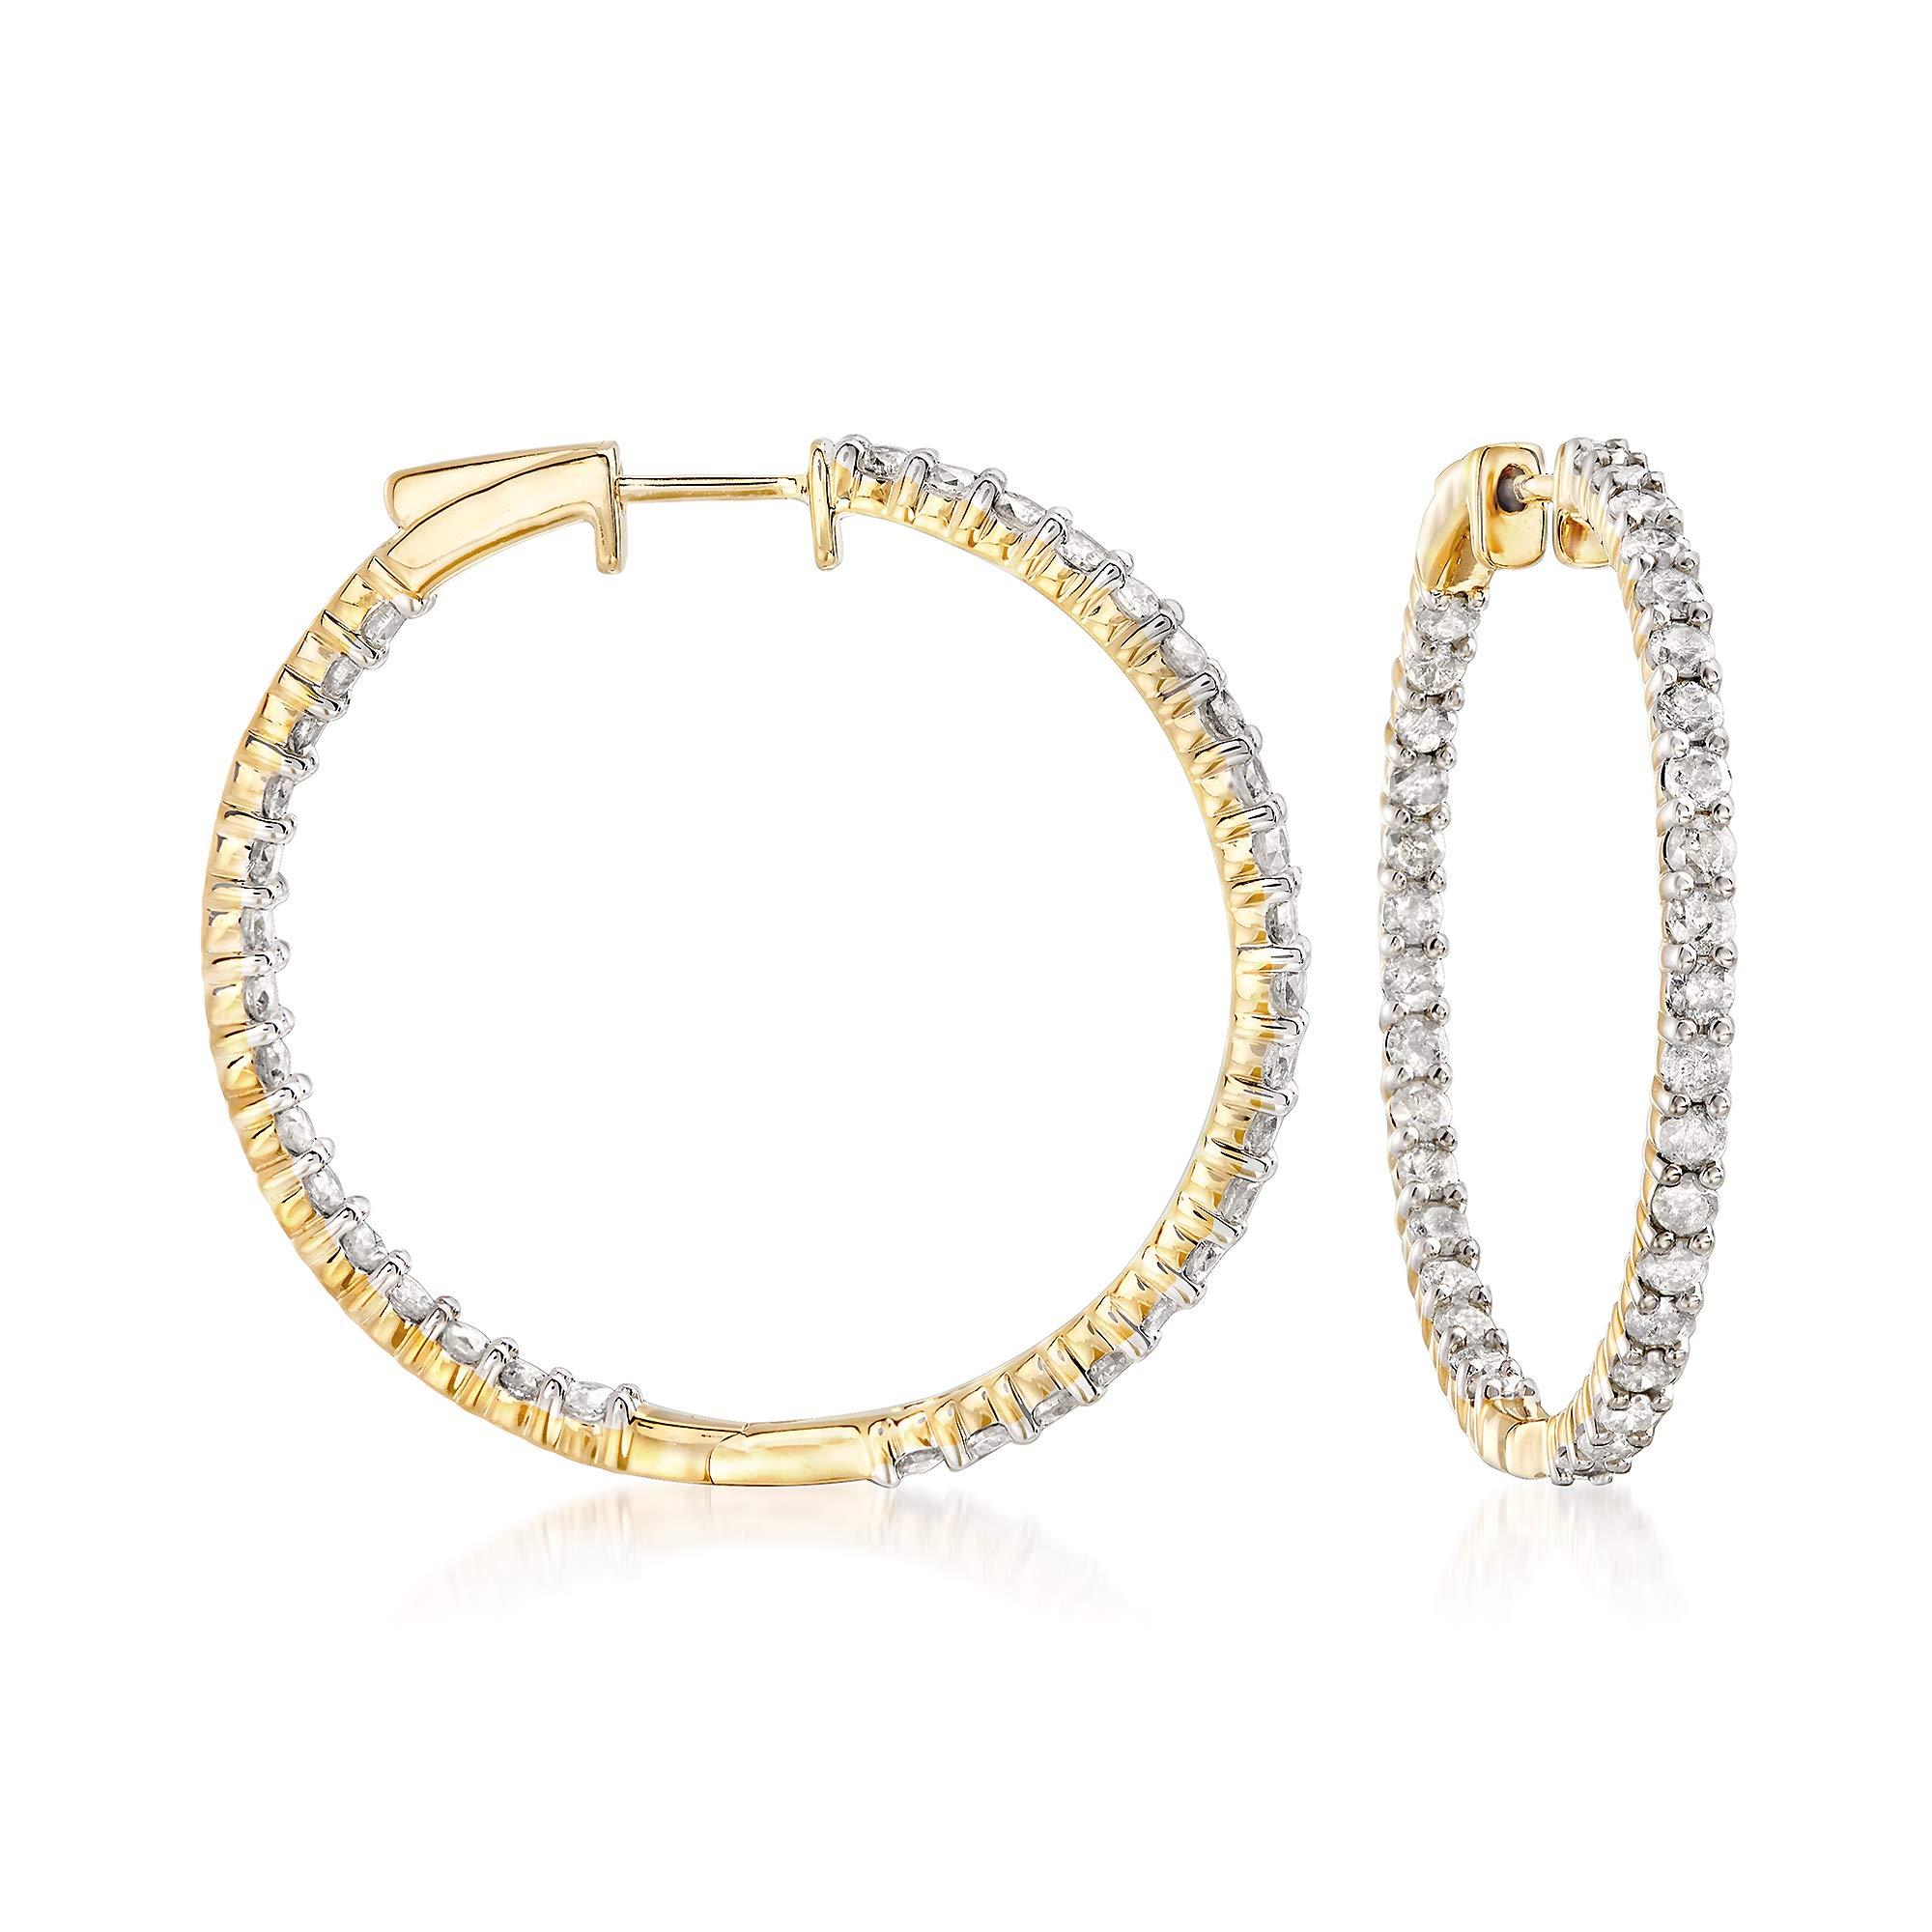 Ross-Simons 3.00 ct. t.w. Diamond Inside-Outside Hoop Earrings in 18kt Gold Over Sterling